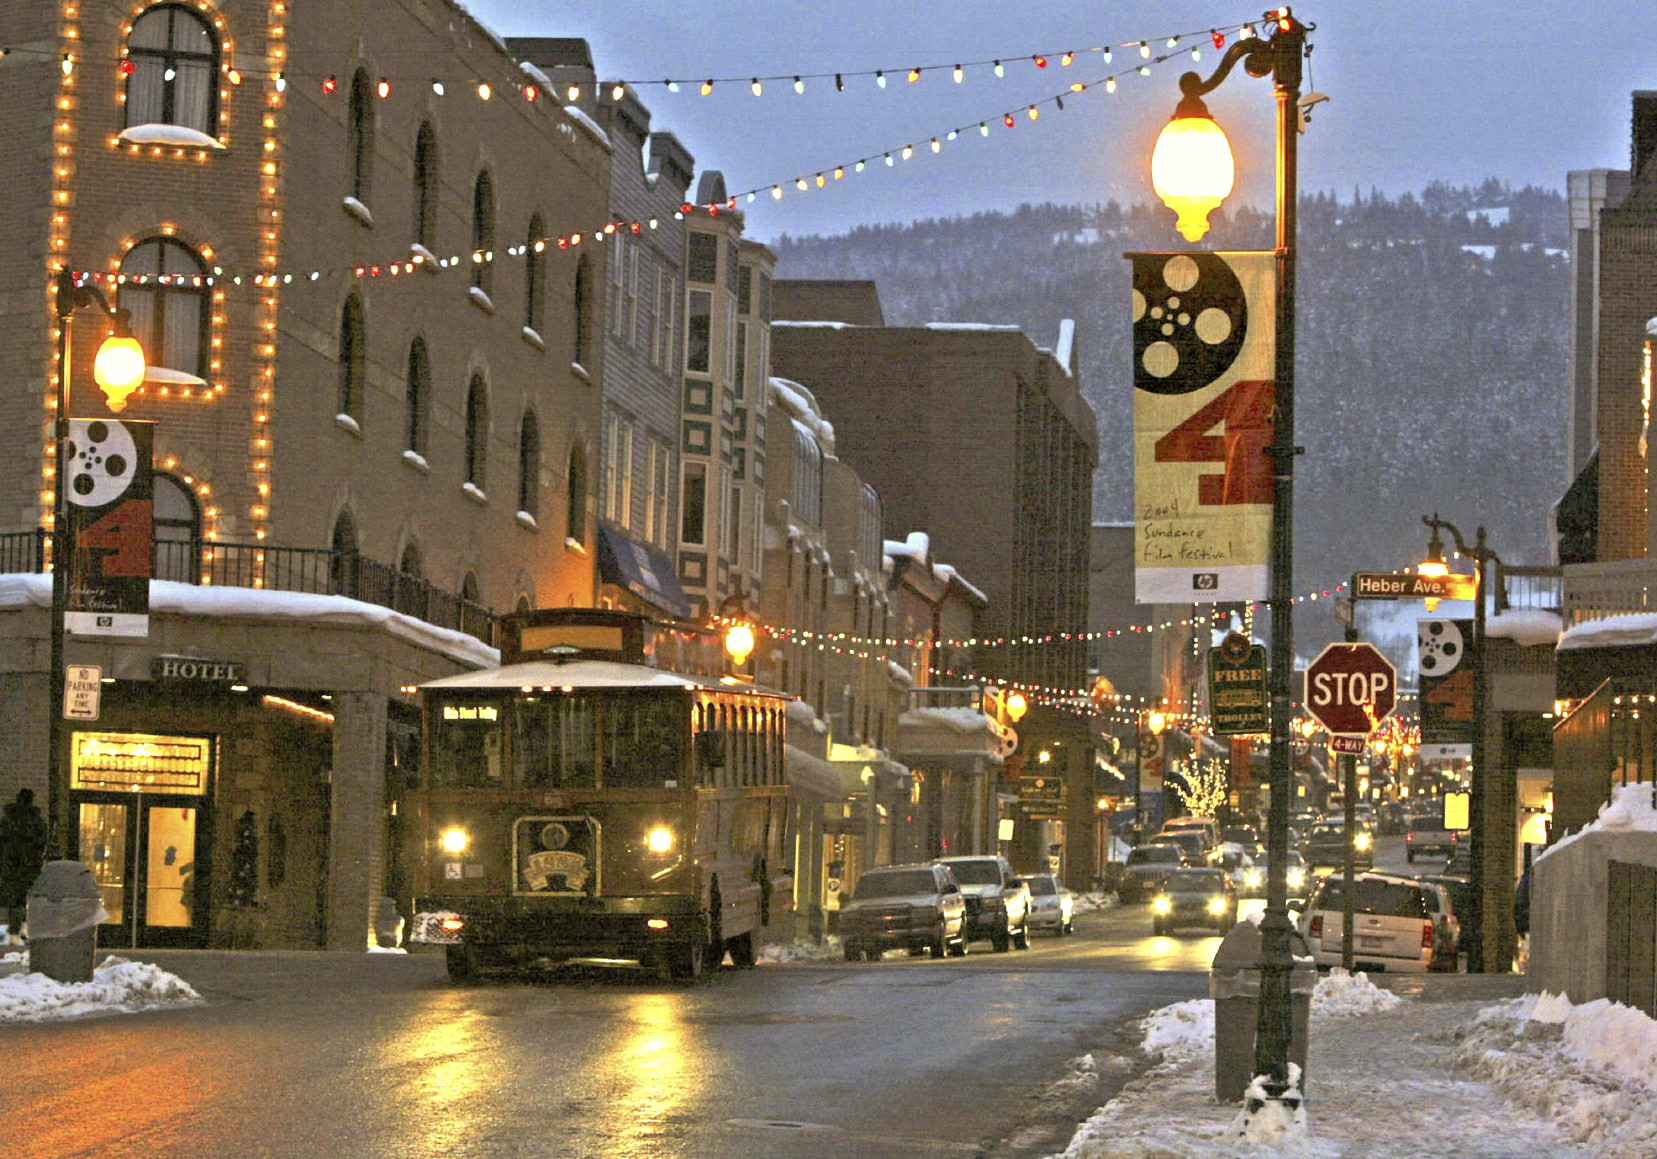 Park City Utah downtown